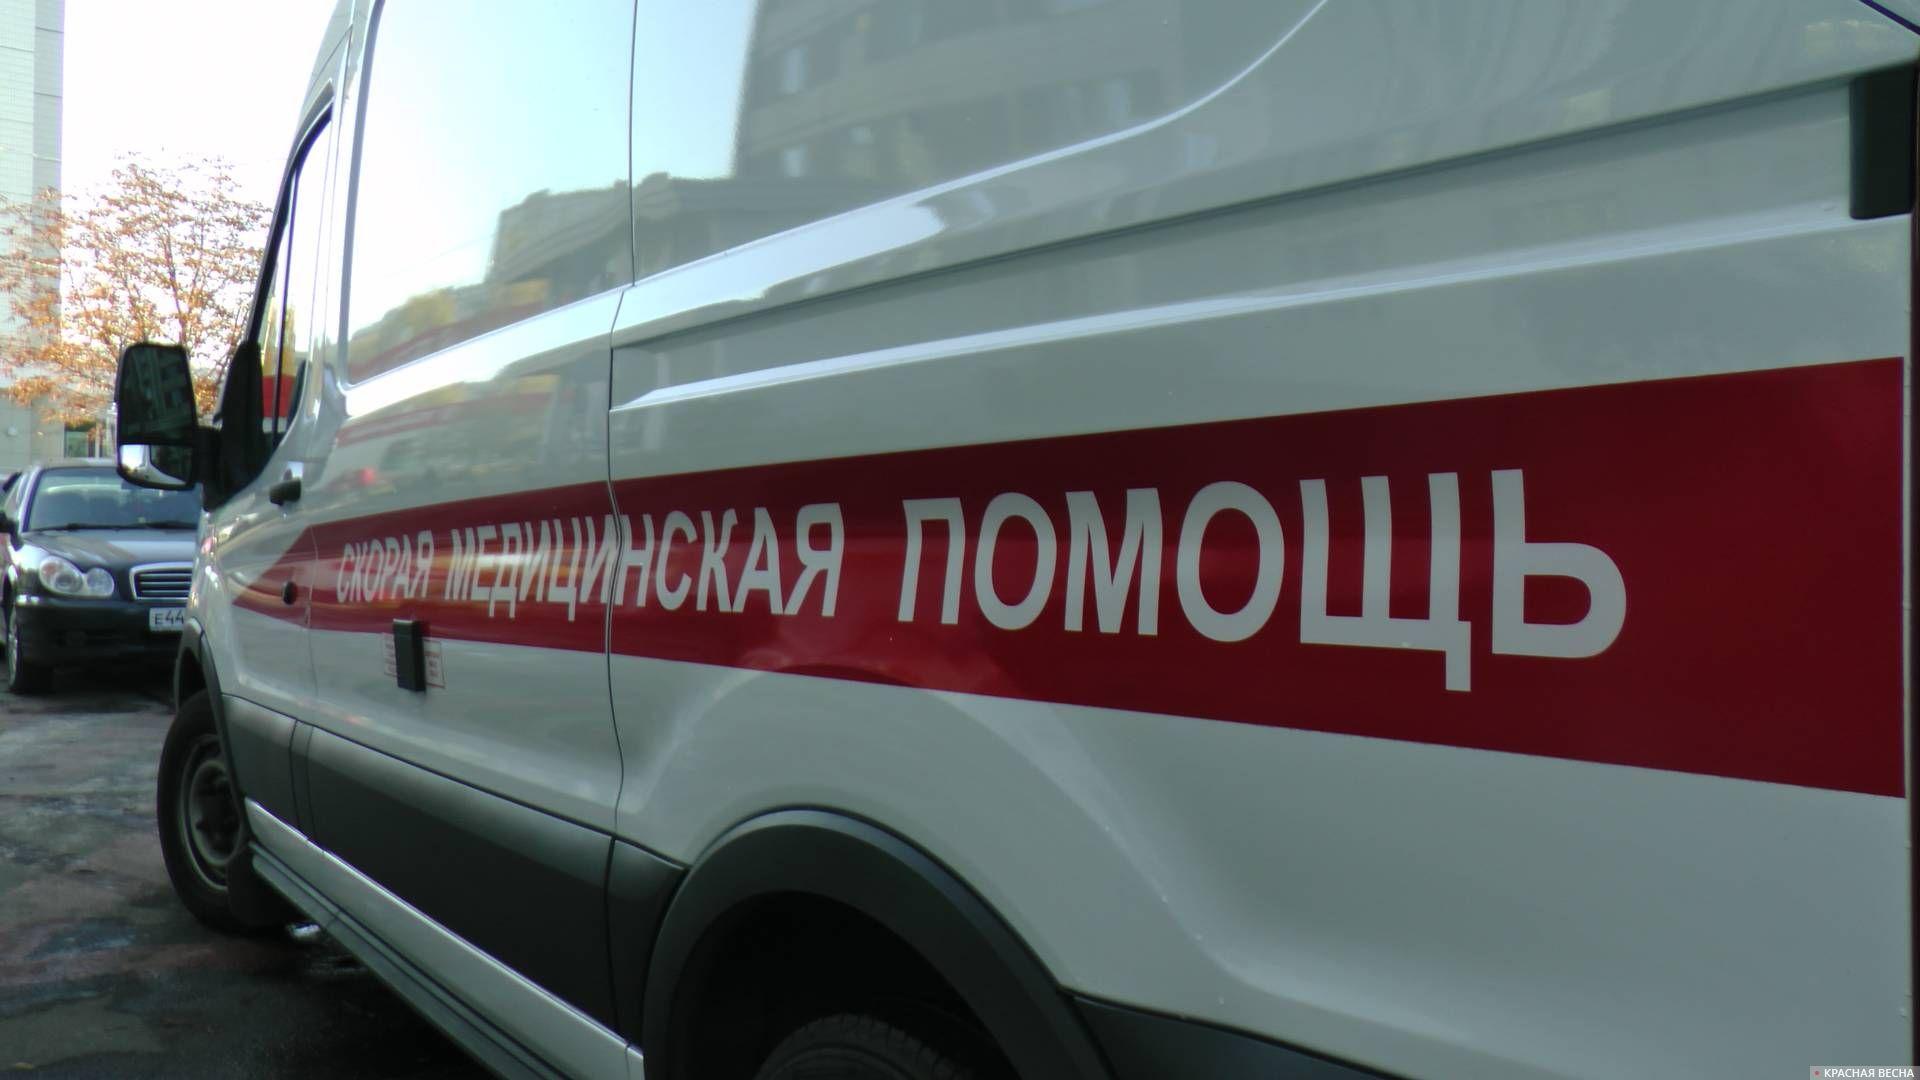 Зачем нужны коммерческие службы скорой помощи?